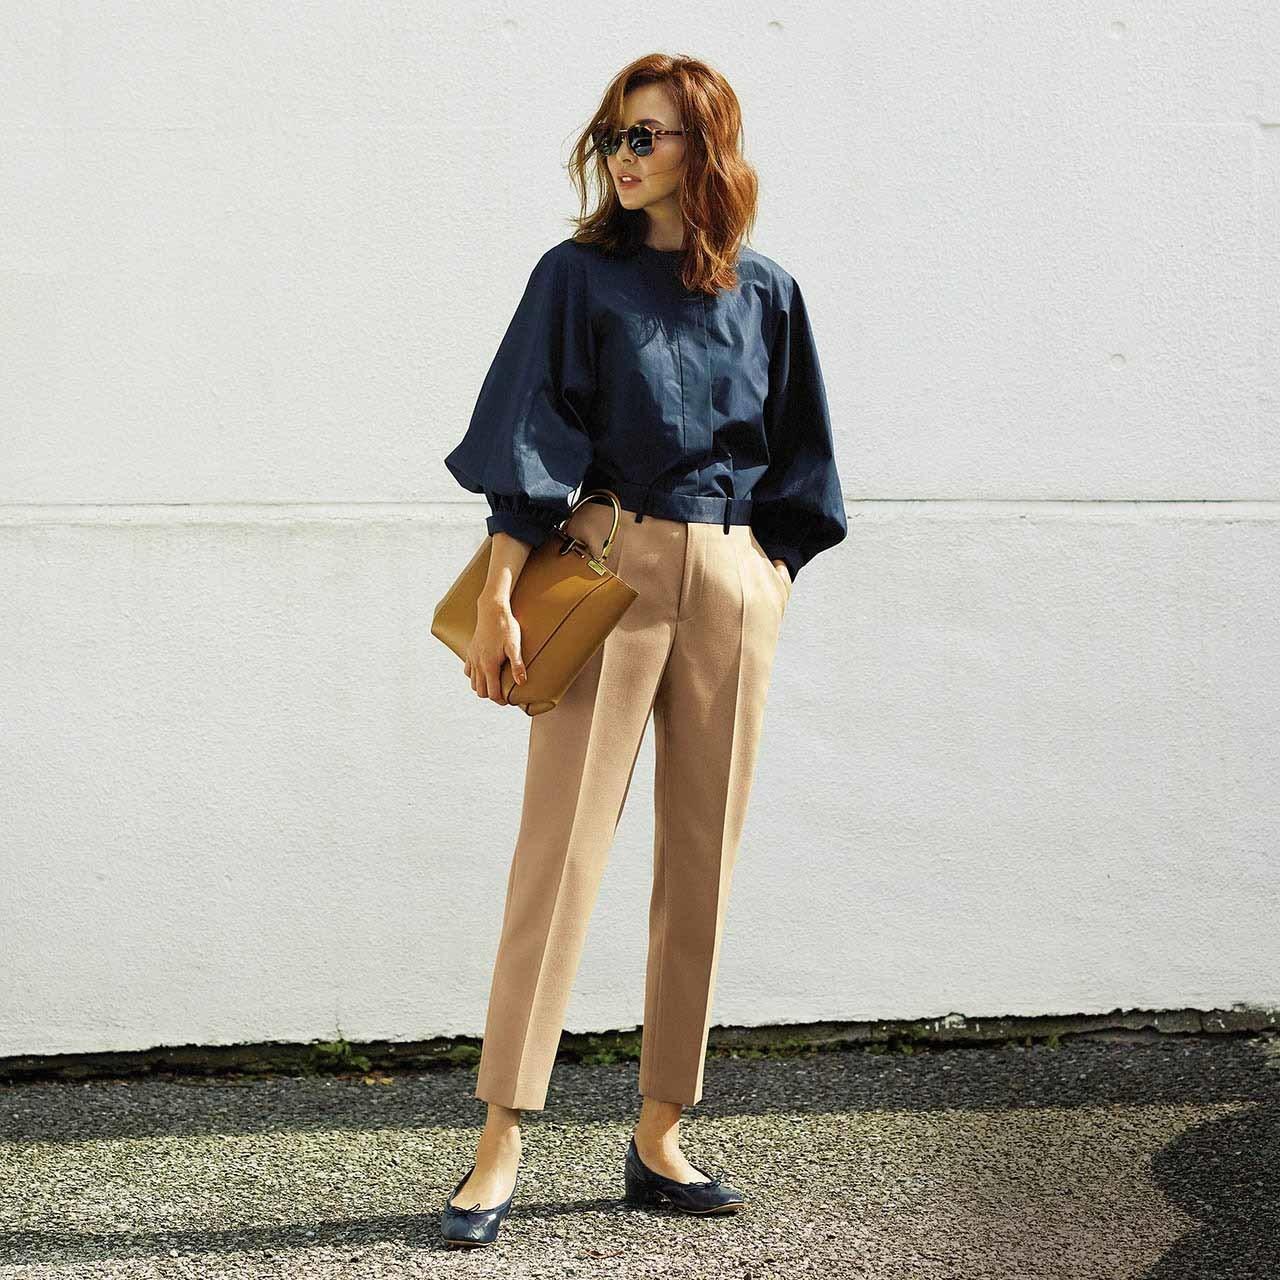 ボリュームブラウス×細身パンツのファッションコーデ